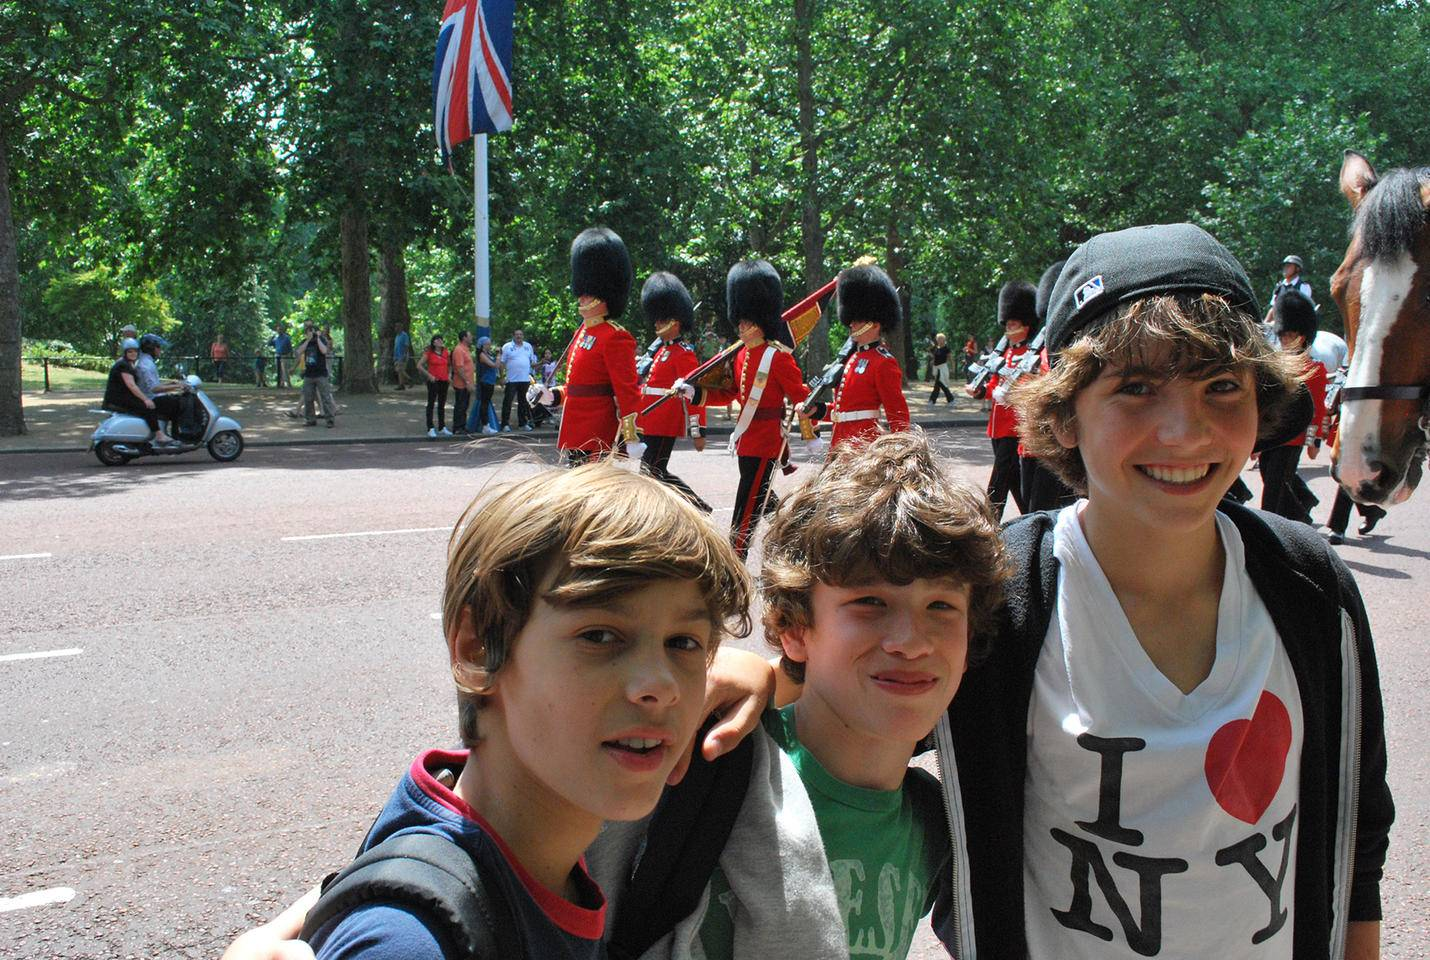 Языковые лагеря на каникулах в англии: стоимость и особенности